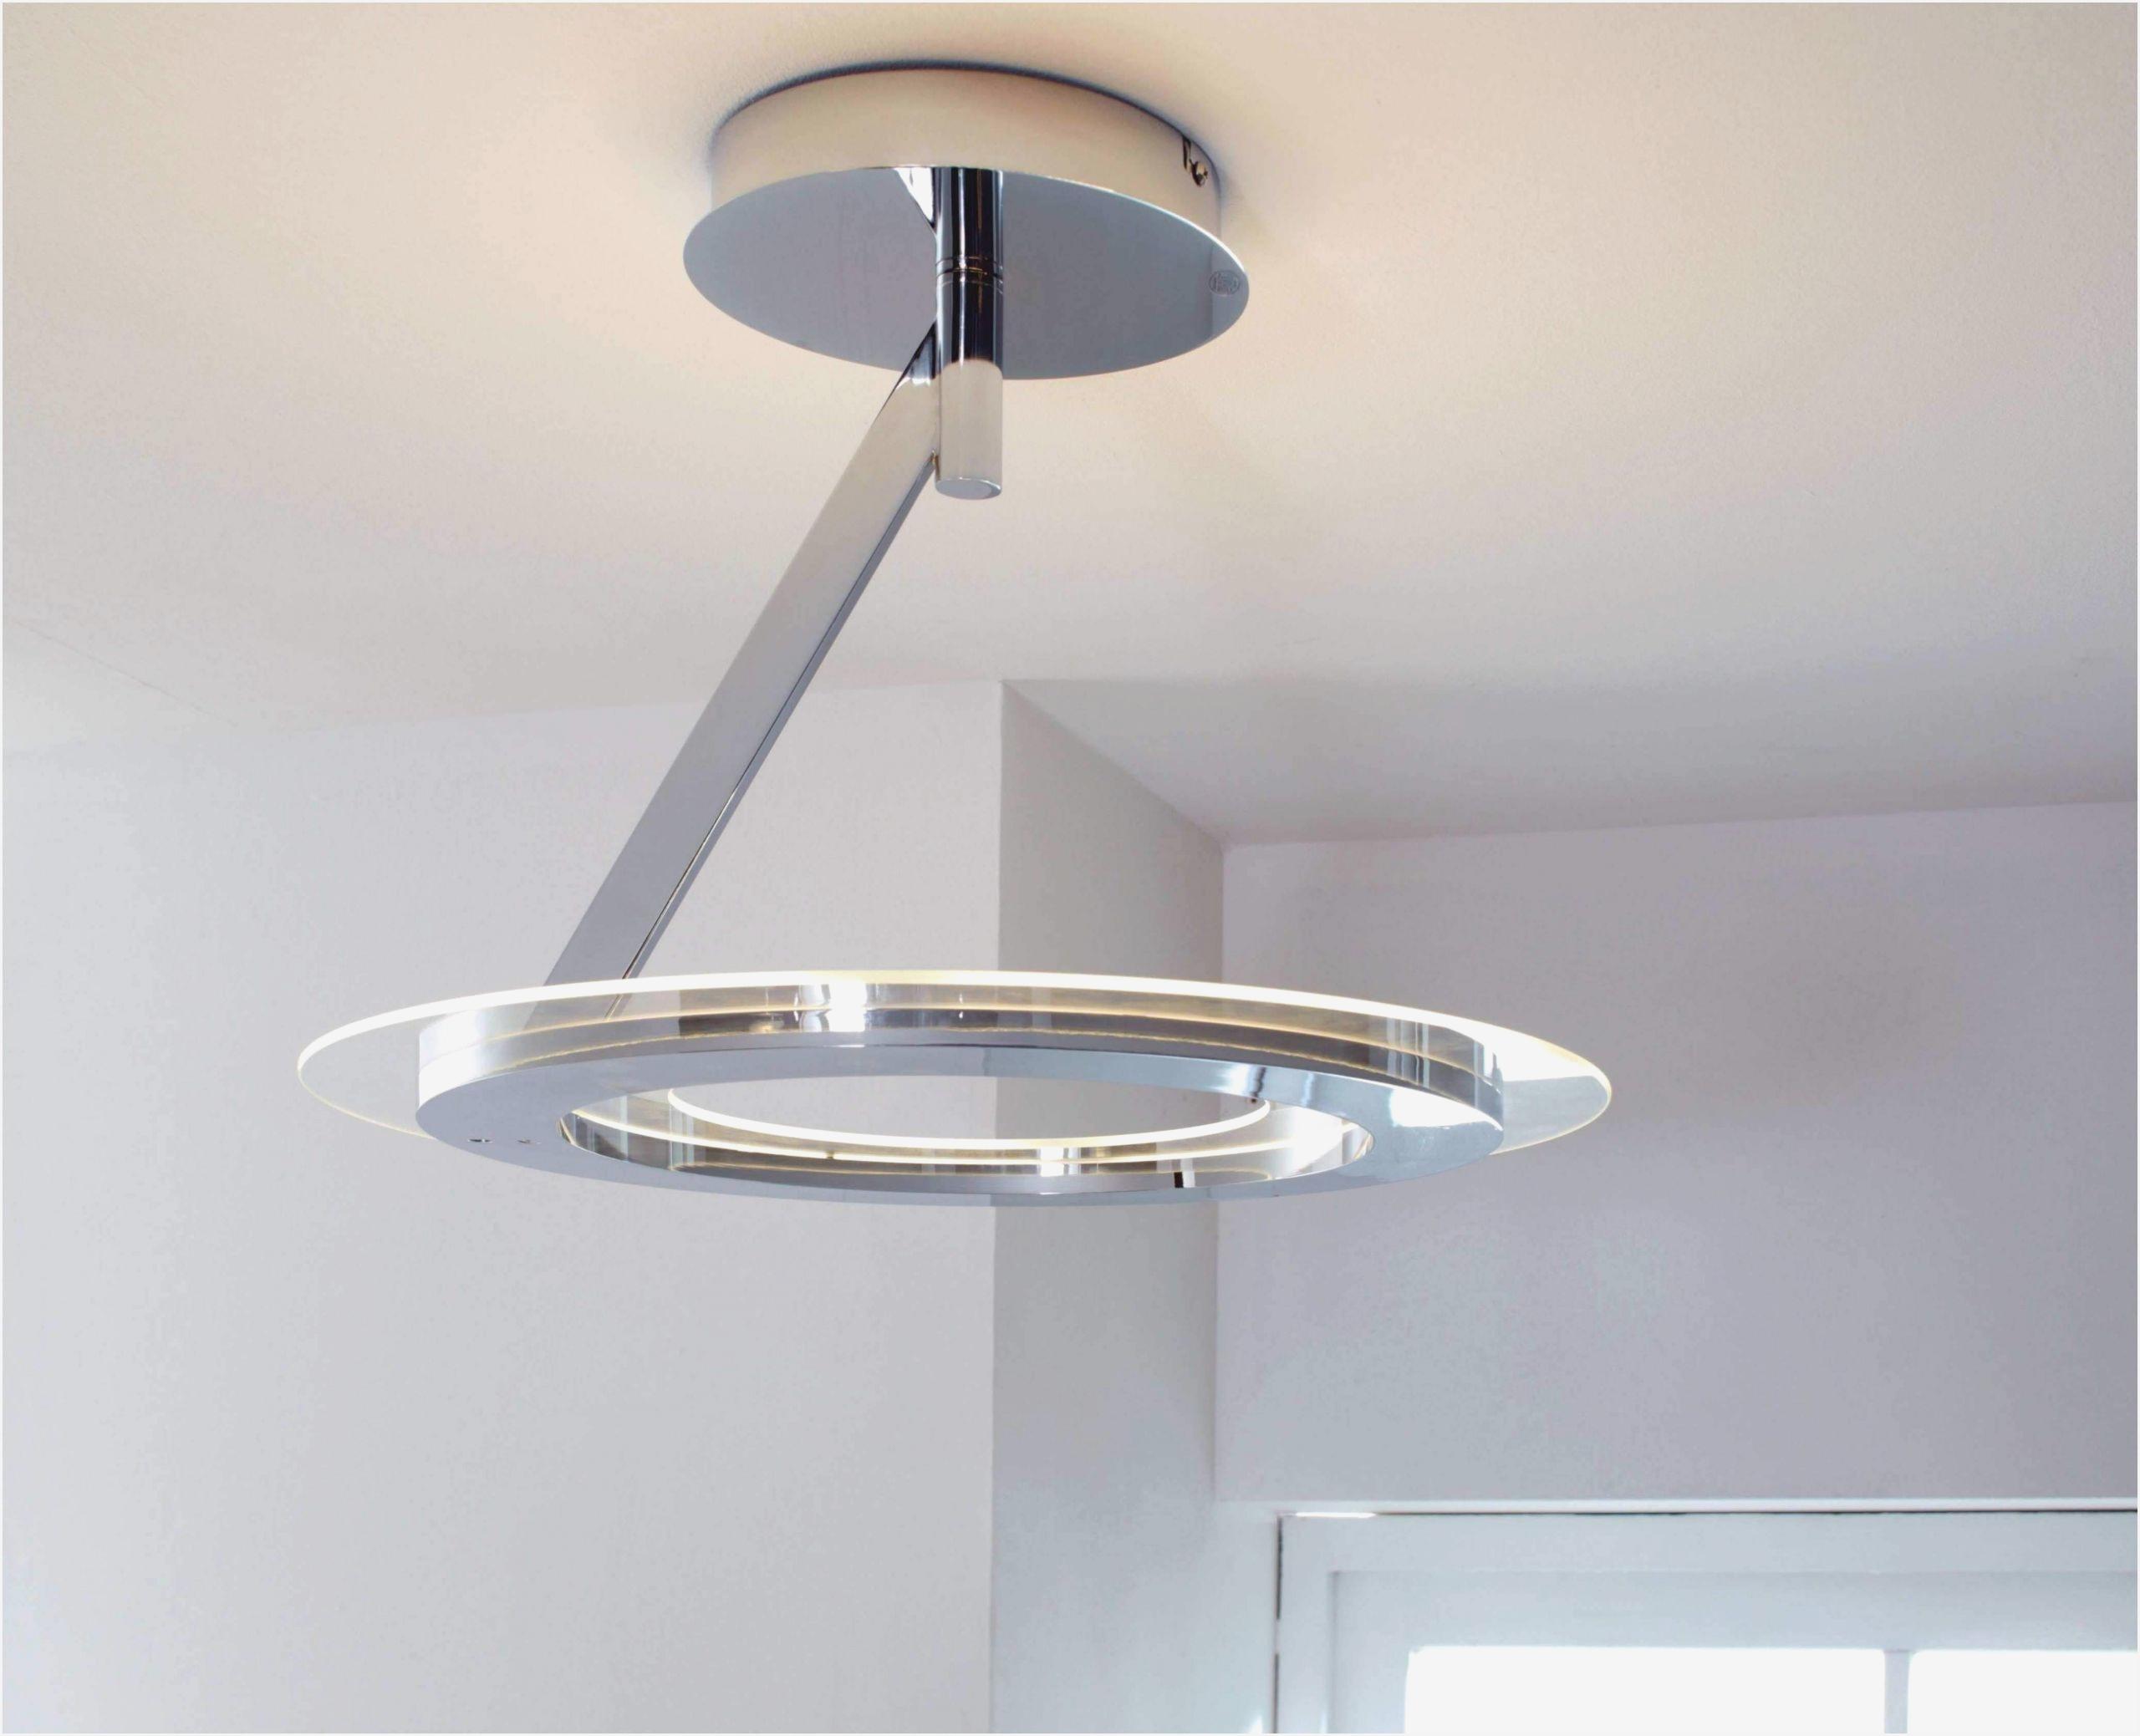 Full Size of Ikea Lampenschirm Wohnzimmer Lampen Leuchten Lampe Hängeleuchte Fototapete Liege Vinylboden Deckenlampe Küche Schlafzimmer Anbauwand Teppich Deckenleuchte Wohnzimmer Ikea Wohnzimmer Lampe